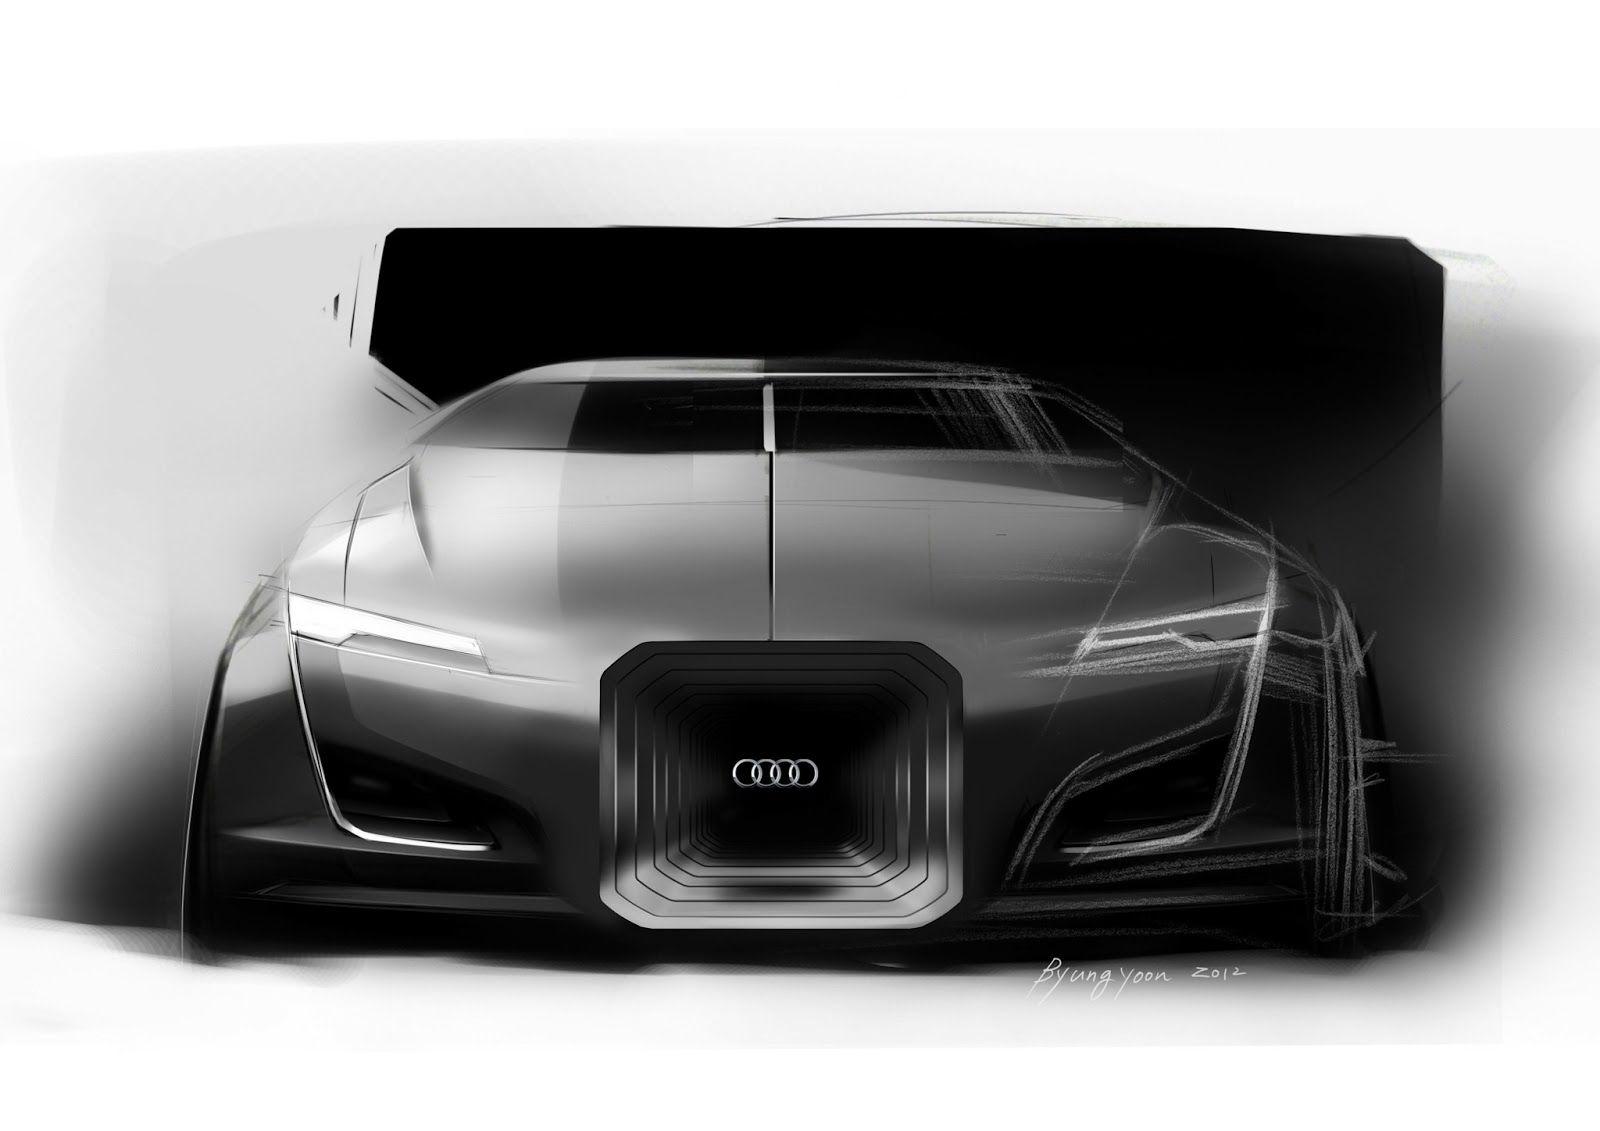 Kelebihan Audi A10 Spesifikasi